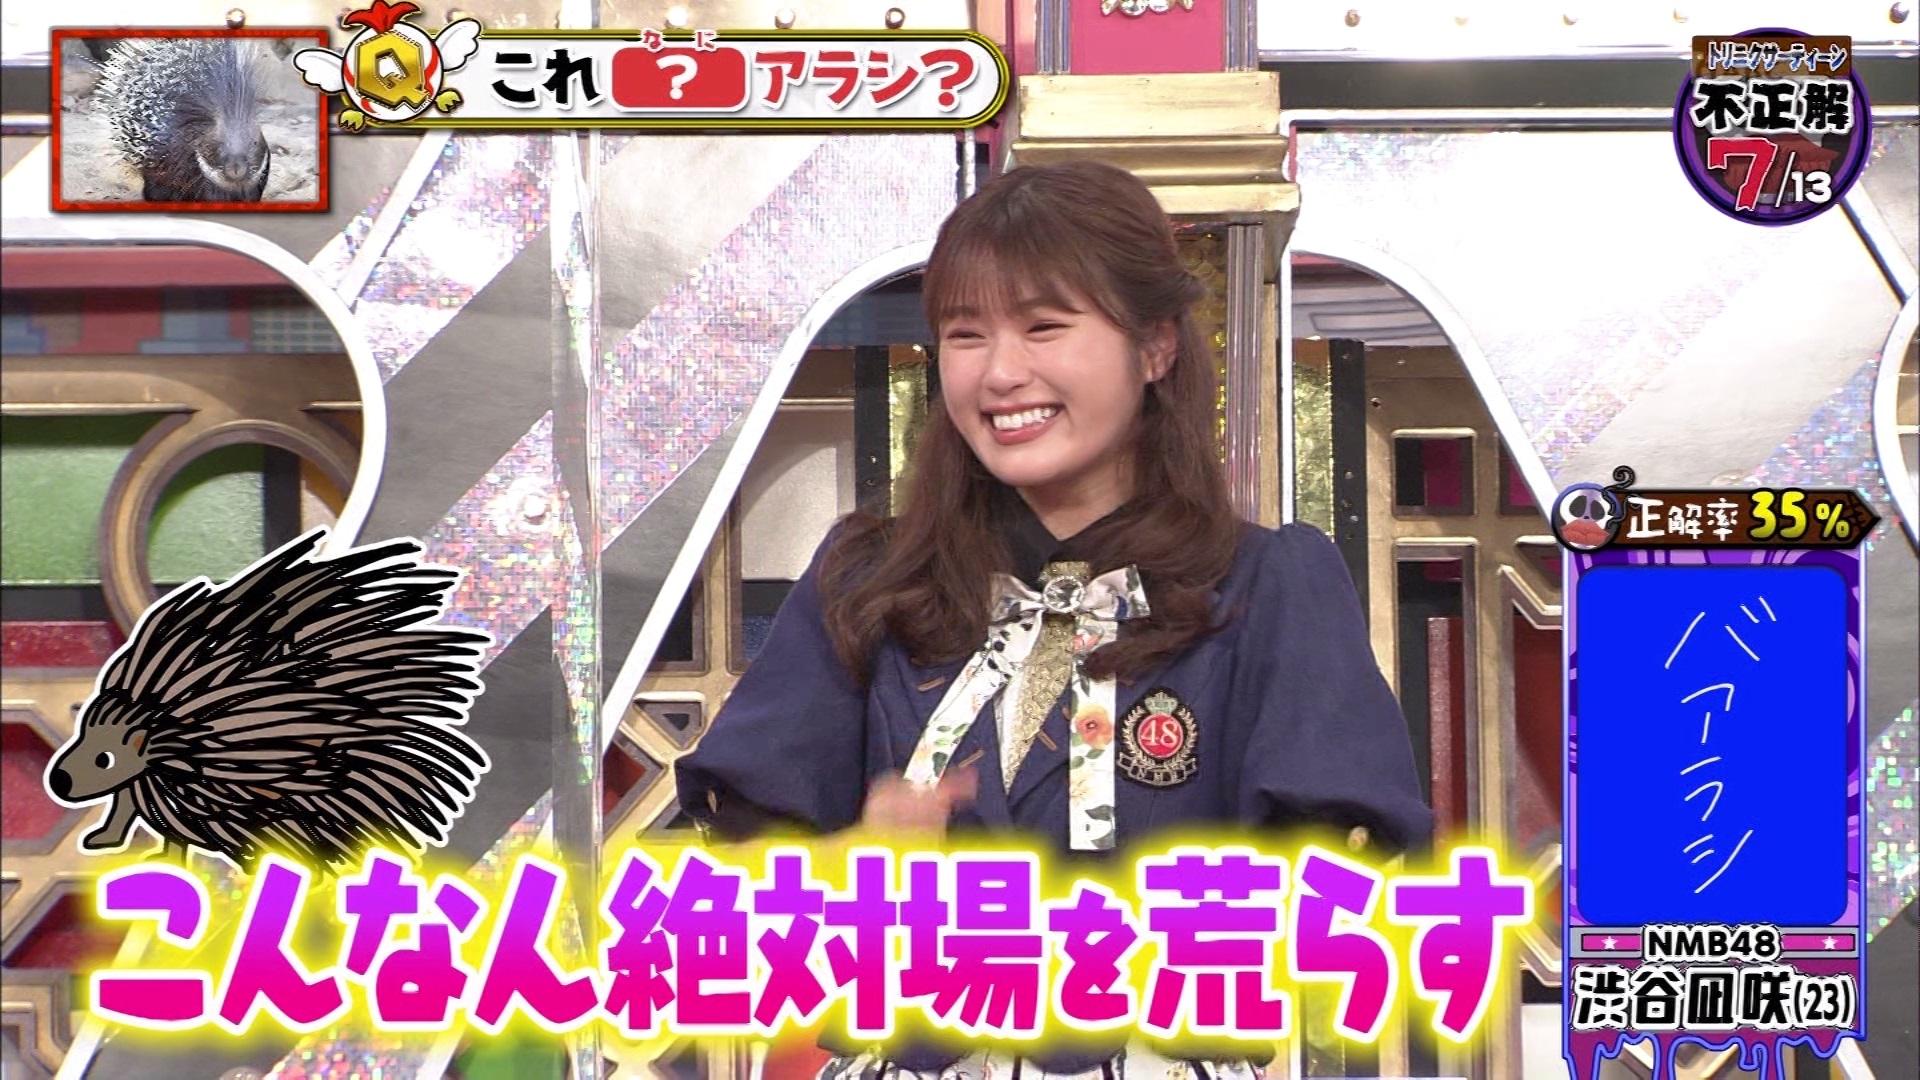 【渋谷凪咲】なぎさ出演 7月21日放送「トリニクって何の肉!?」♯38の実況と画像